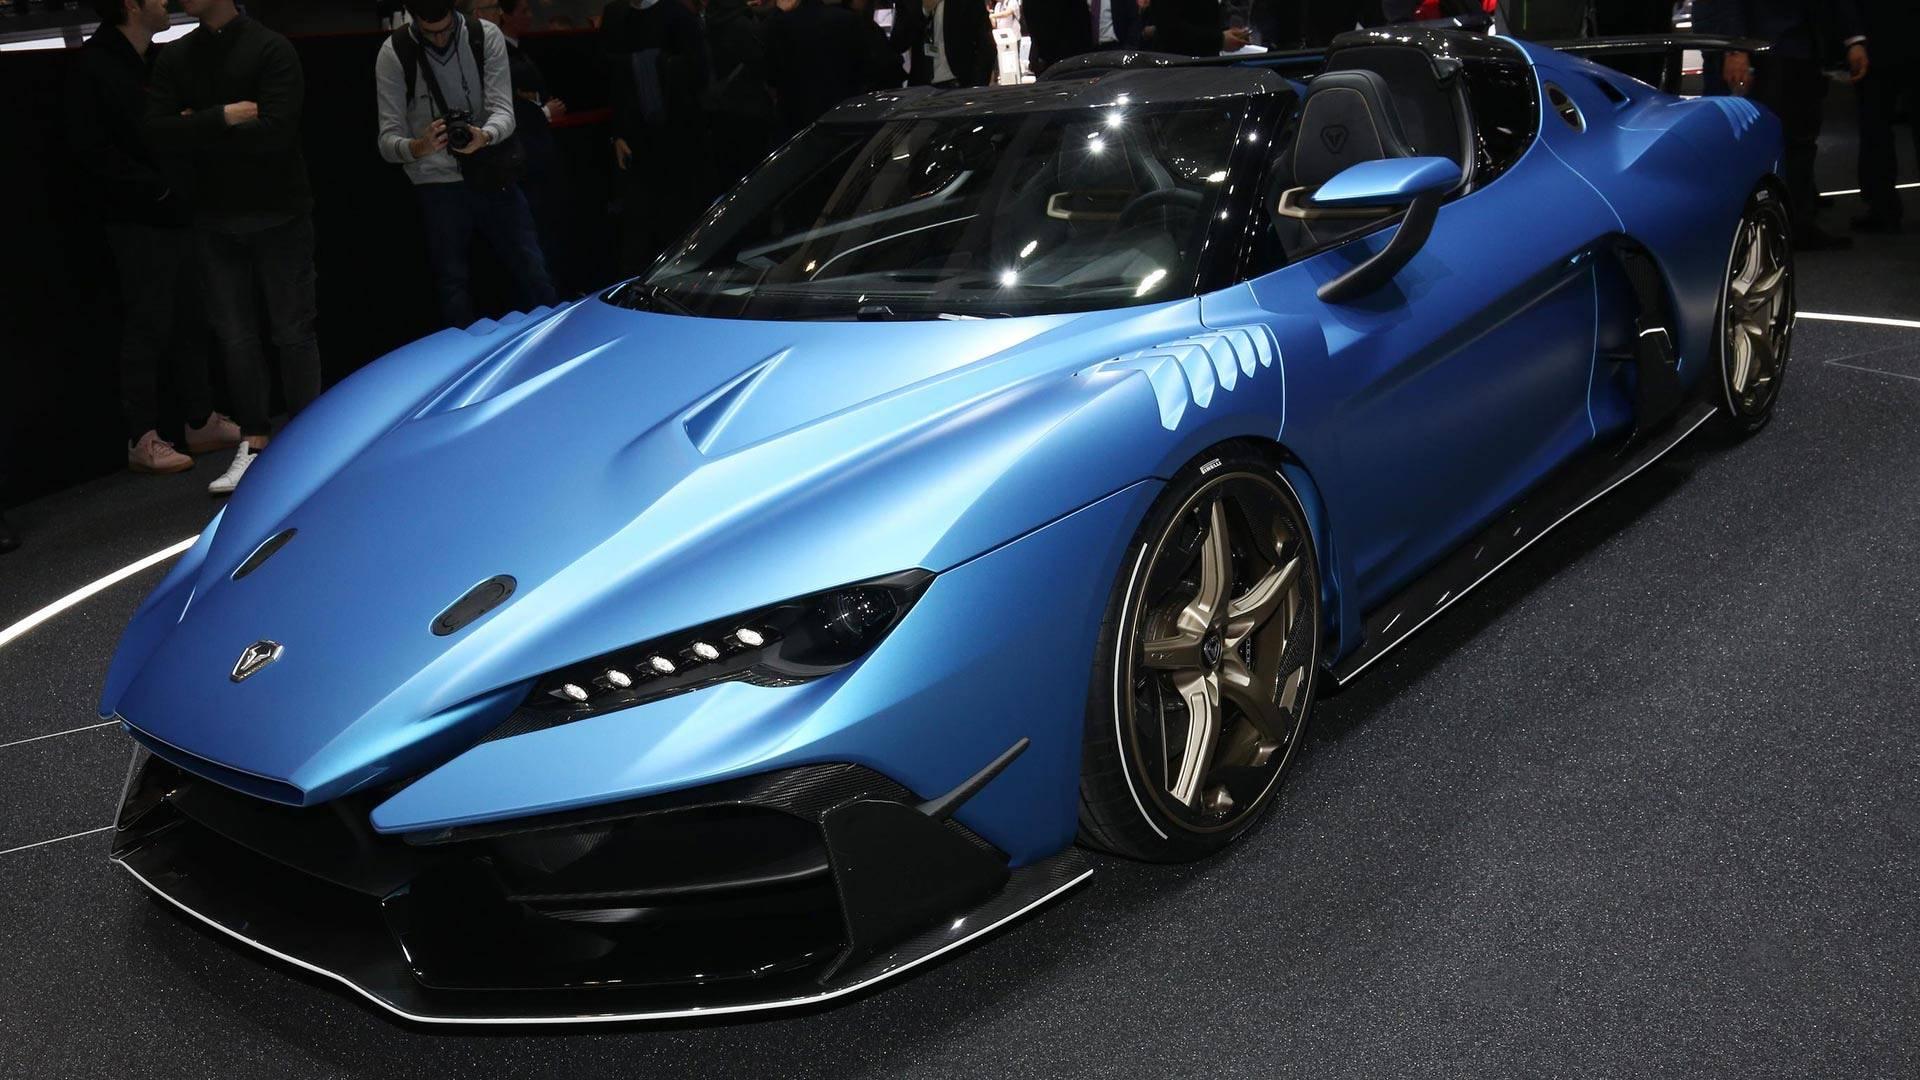 italdesign-zerouno-duerta-roadster-geneva-2018 (1)